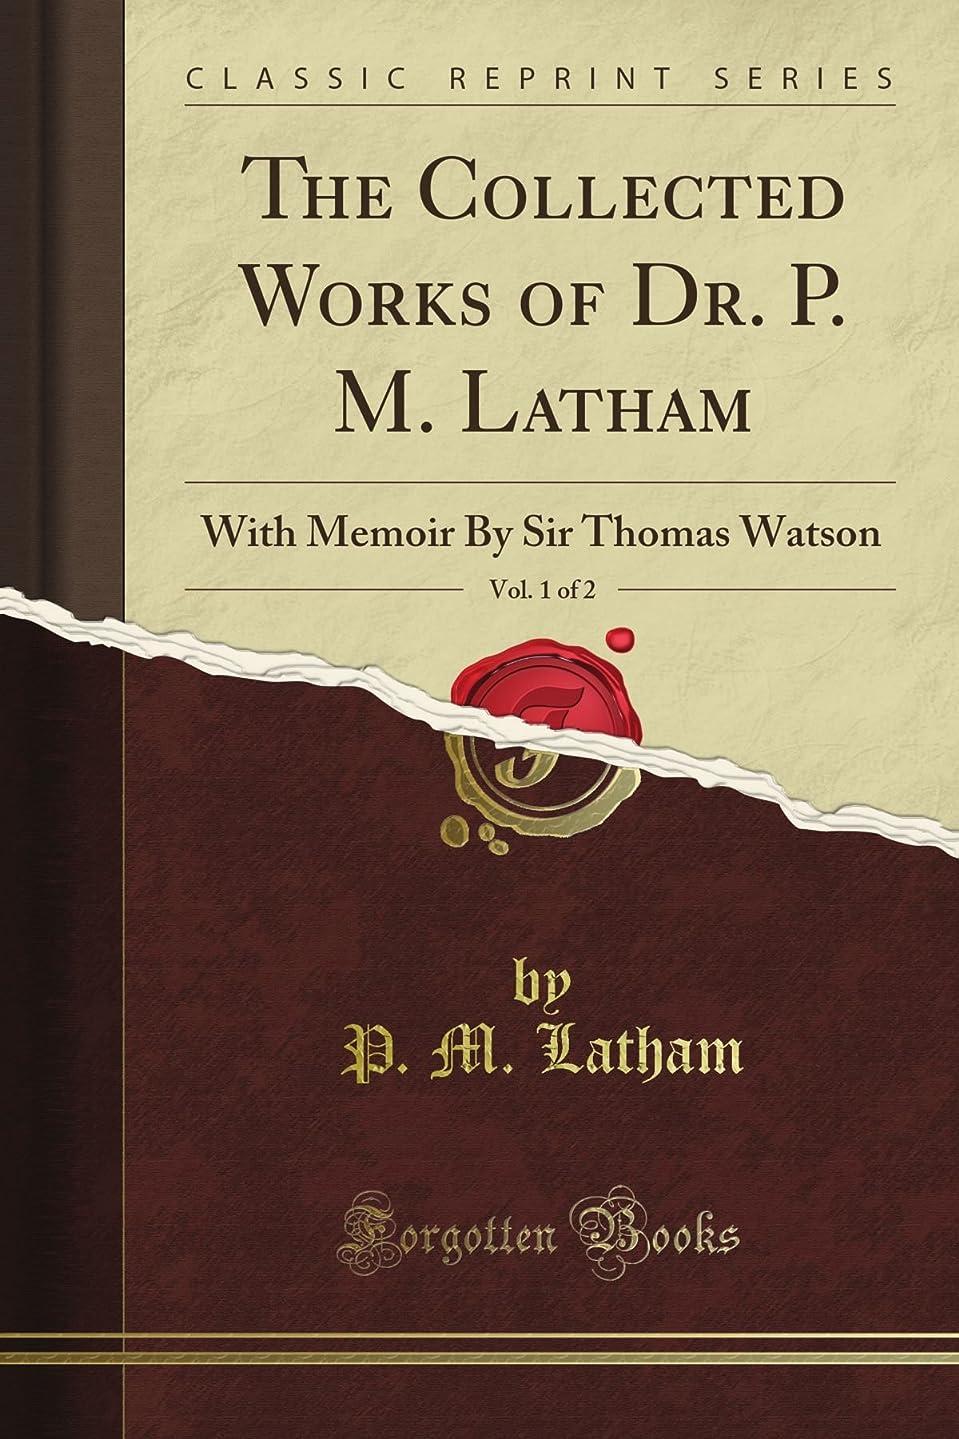 文房具探検導入するThe Collected Works of Dr. P. M. Latham: With Memoir By Sir Thomas Watson, Vol. 1 of 2 (Classic Reprint)